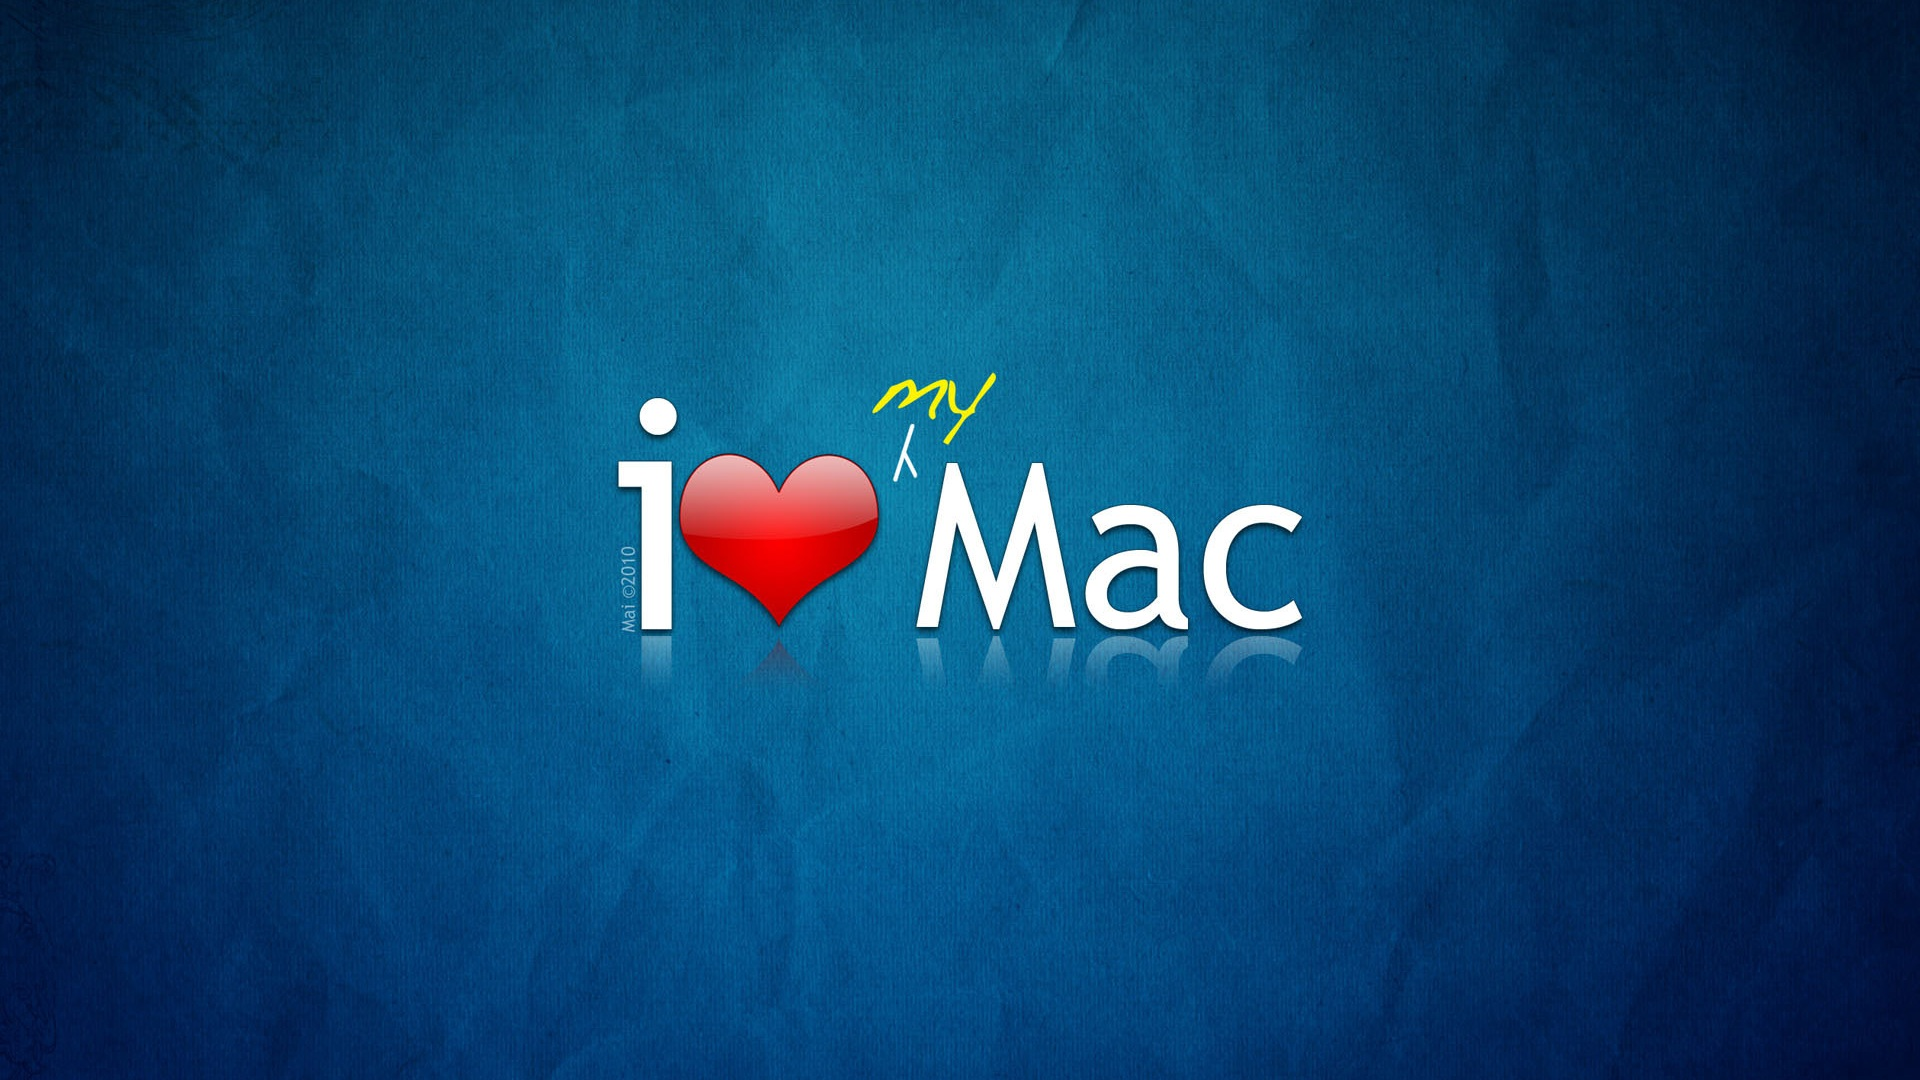 我爱我的Mac 1920x1080 壁纸下载